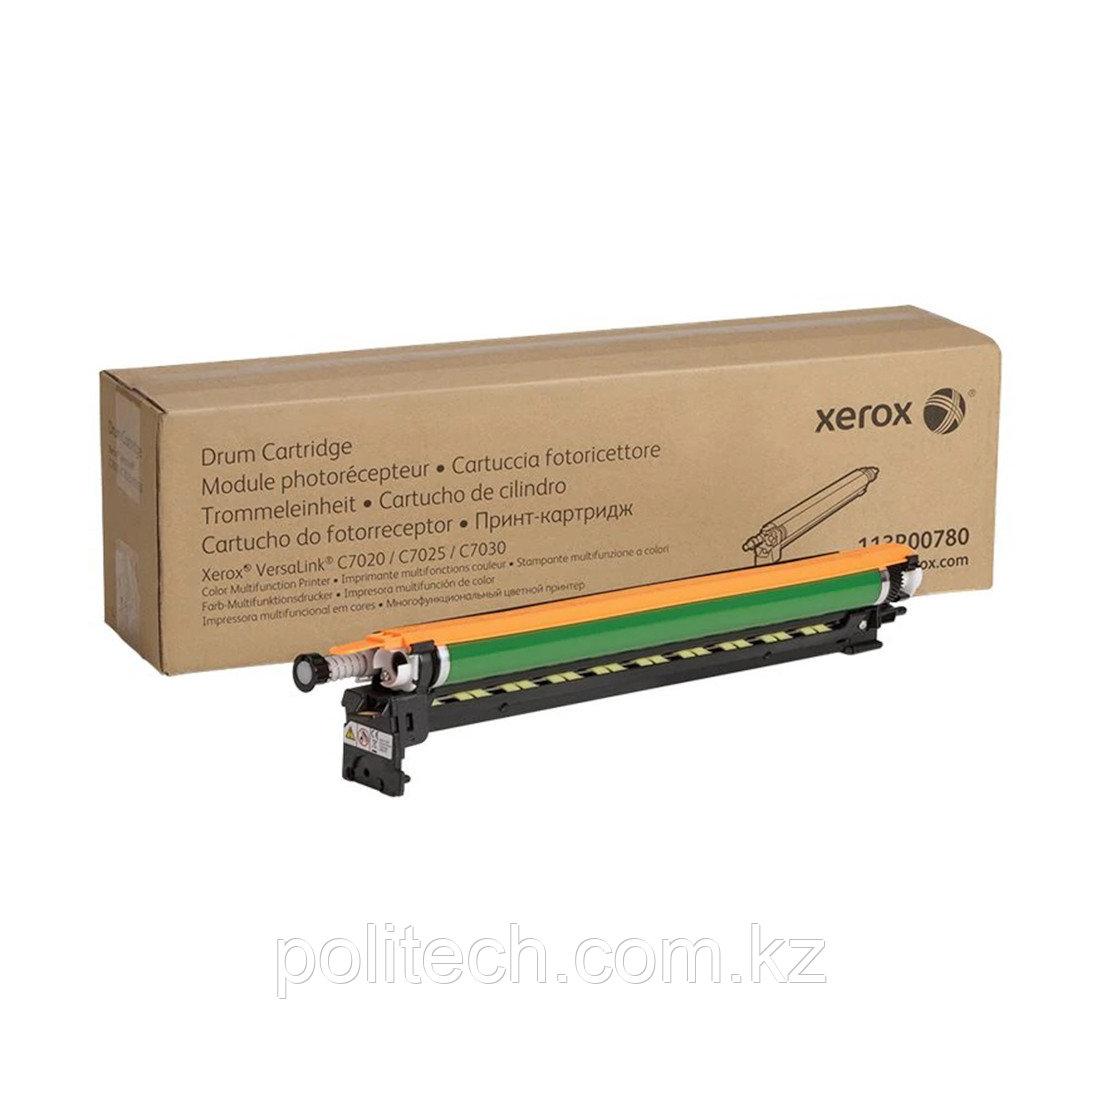 Фотобарабан Xerox 113R00780 (по одному на каждый цвет)